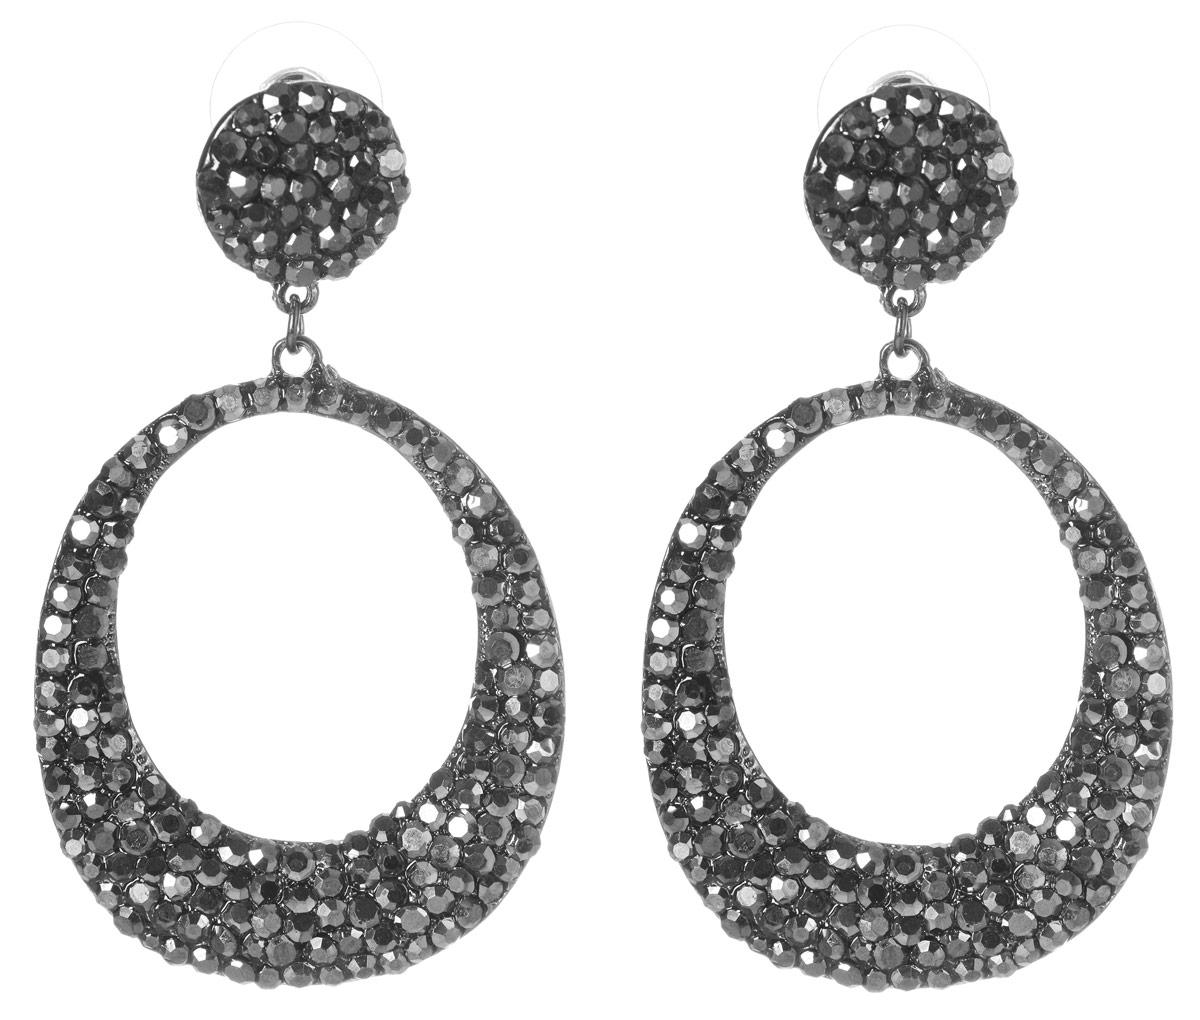 Серьги Art-Silver, цвет: черный. 29333-52029333-520Оригинальные серьги Art-Silver выполнены из бижутерного сплава, с легкостью завершат ваш образ. В качестве основы украшения использован замок-гвоздик с фиксаторами из металла и пластика. Серьги дополнены массивными ажурными подвесками в виде колец овальной формы, которые украшены цирконами. Стильные серьги придадут вашему образу изюминку, подчеркнут красоту и изящество вечернего платья или преобразят повседневный наряд.